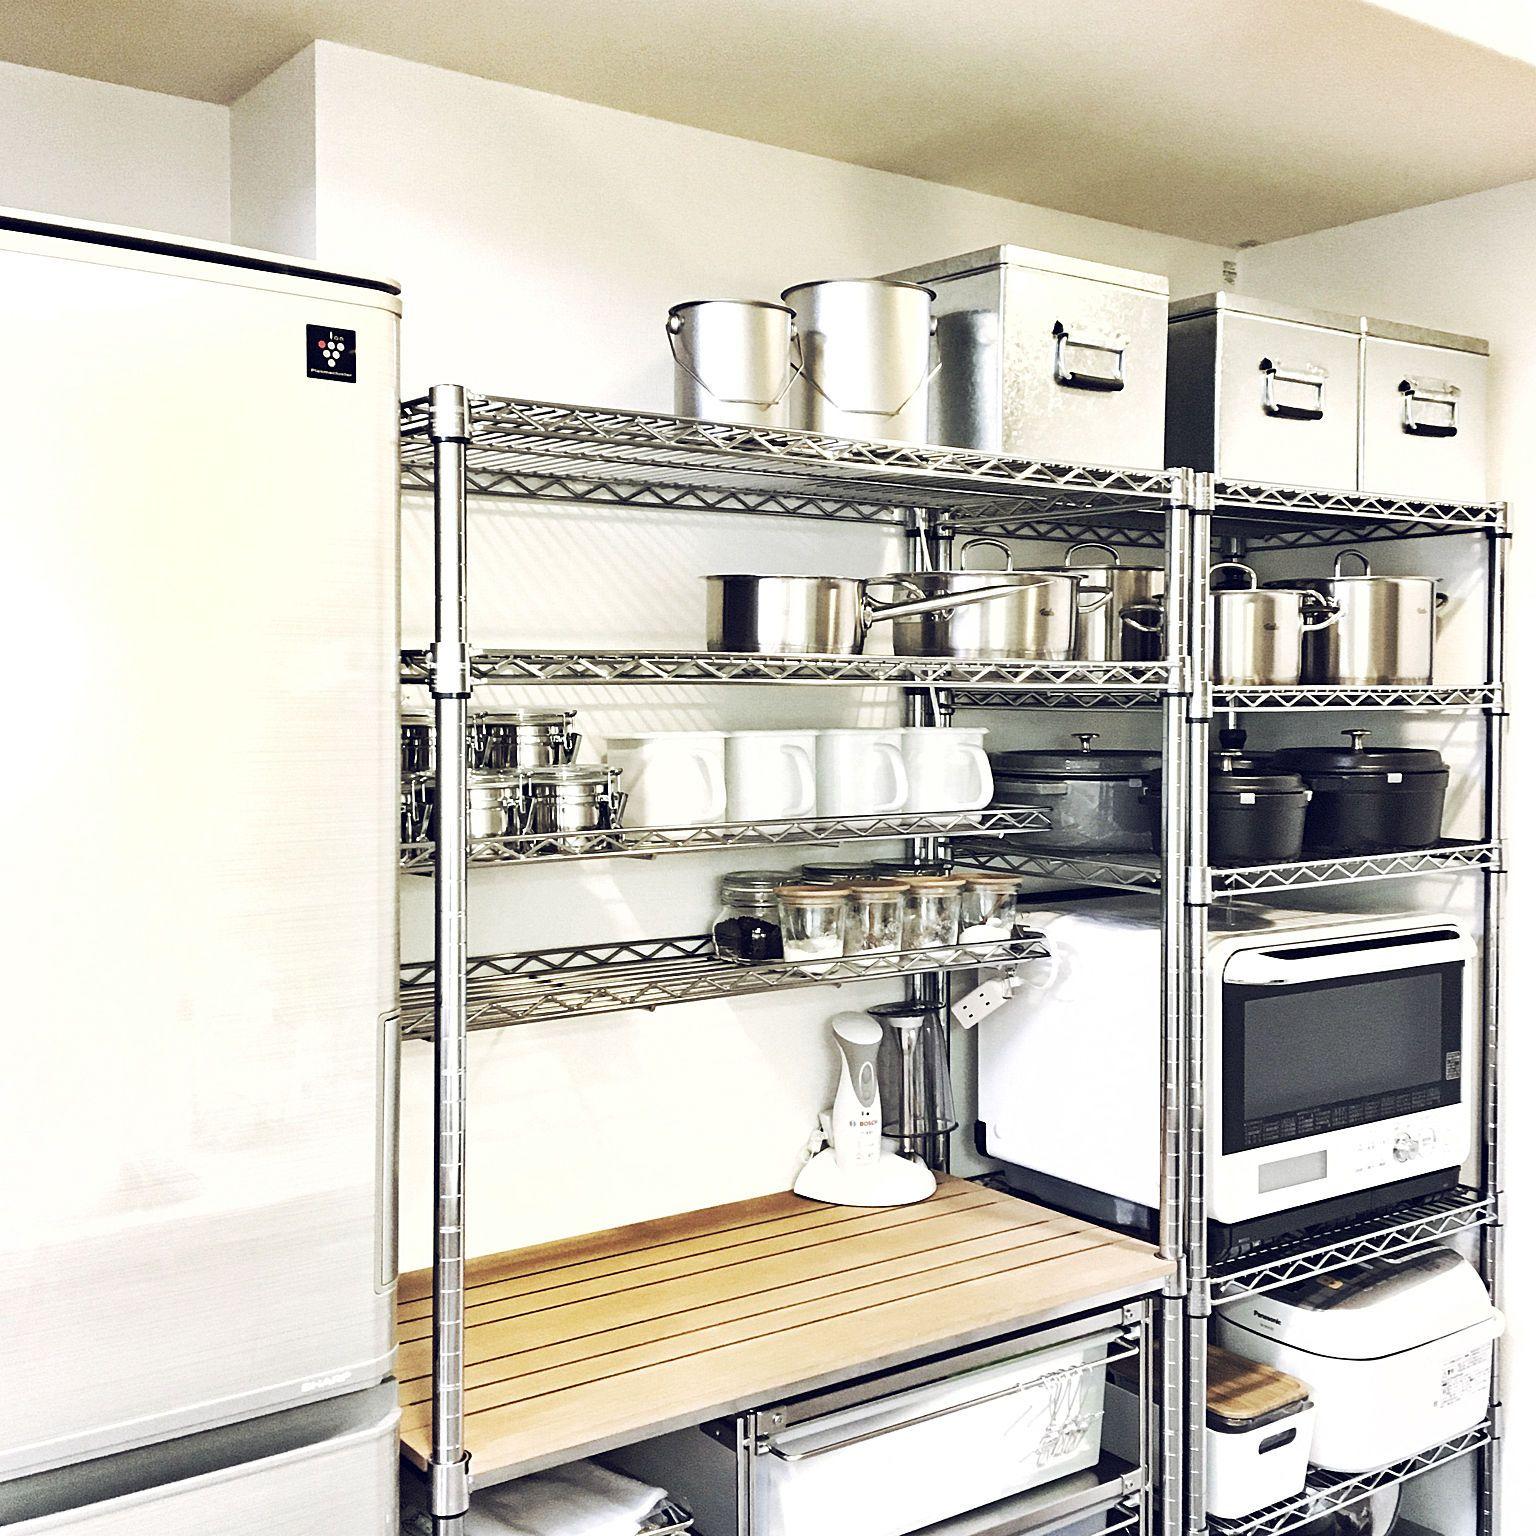 キッチン 無印良品 スチールラック メタルラック ルミナスラック